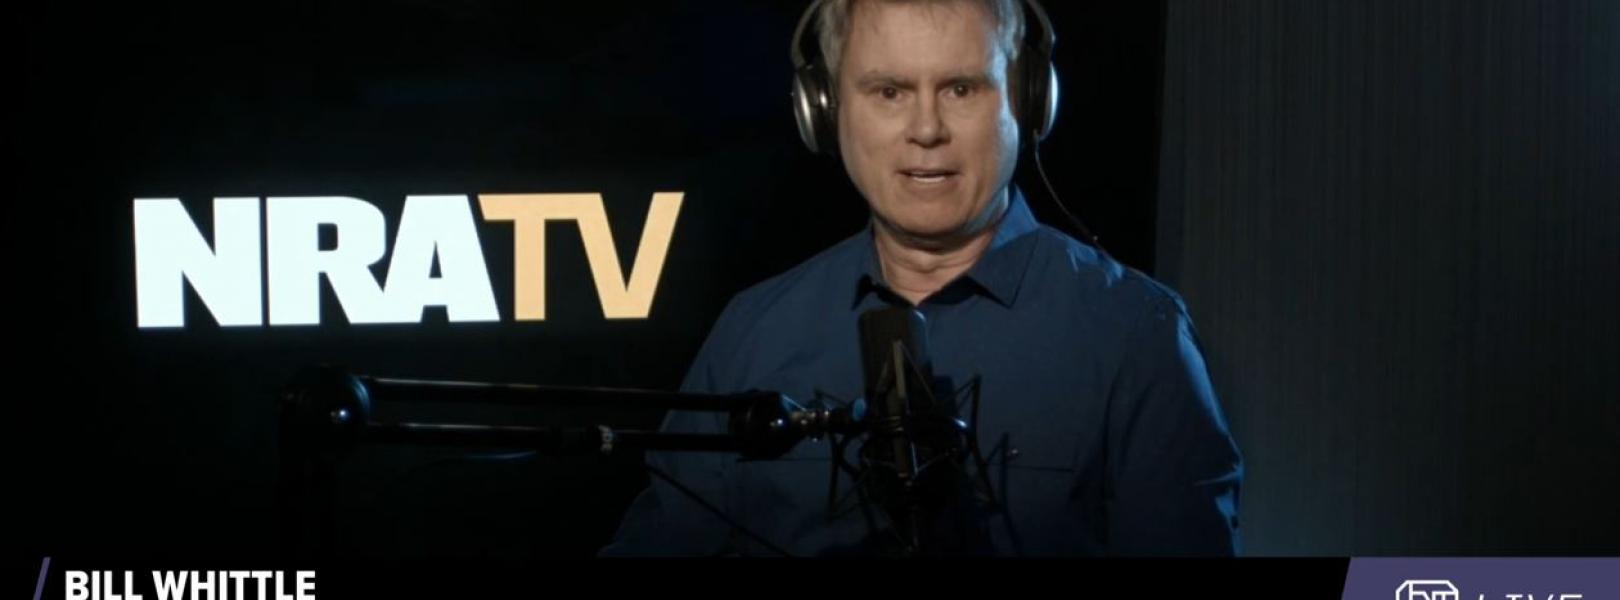 Bill Whittle, former host of NRATV's Hot Mic